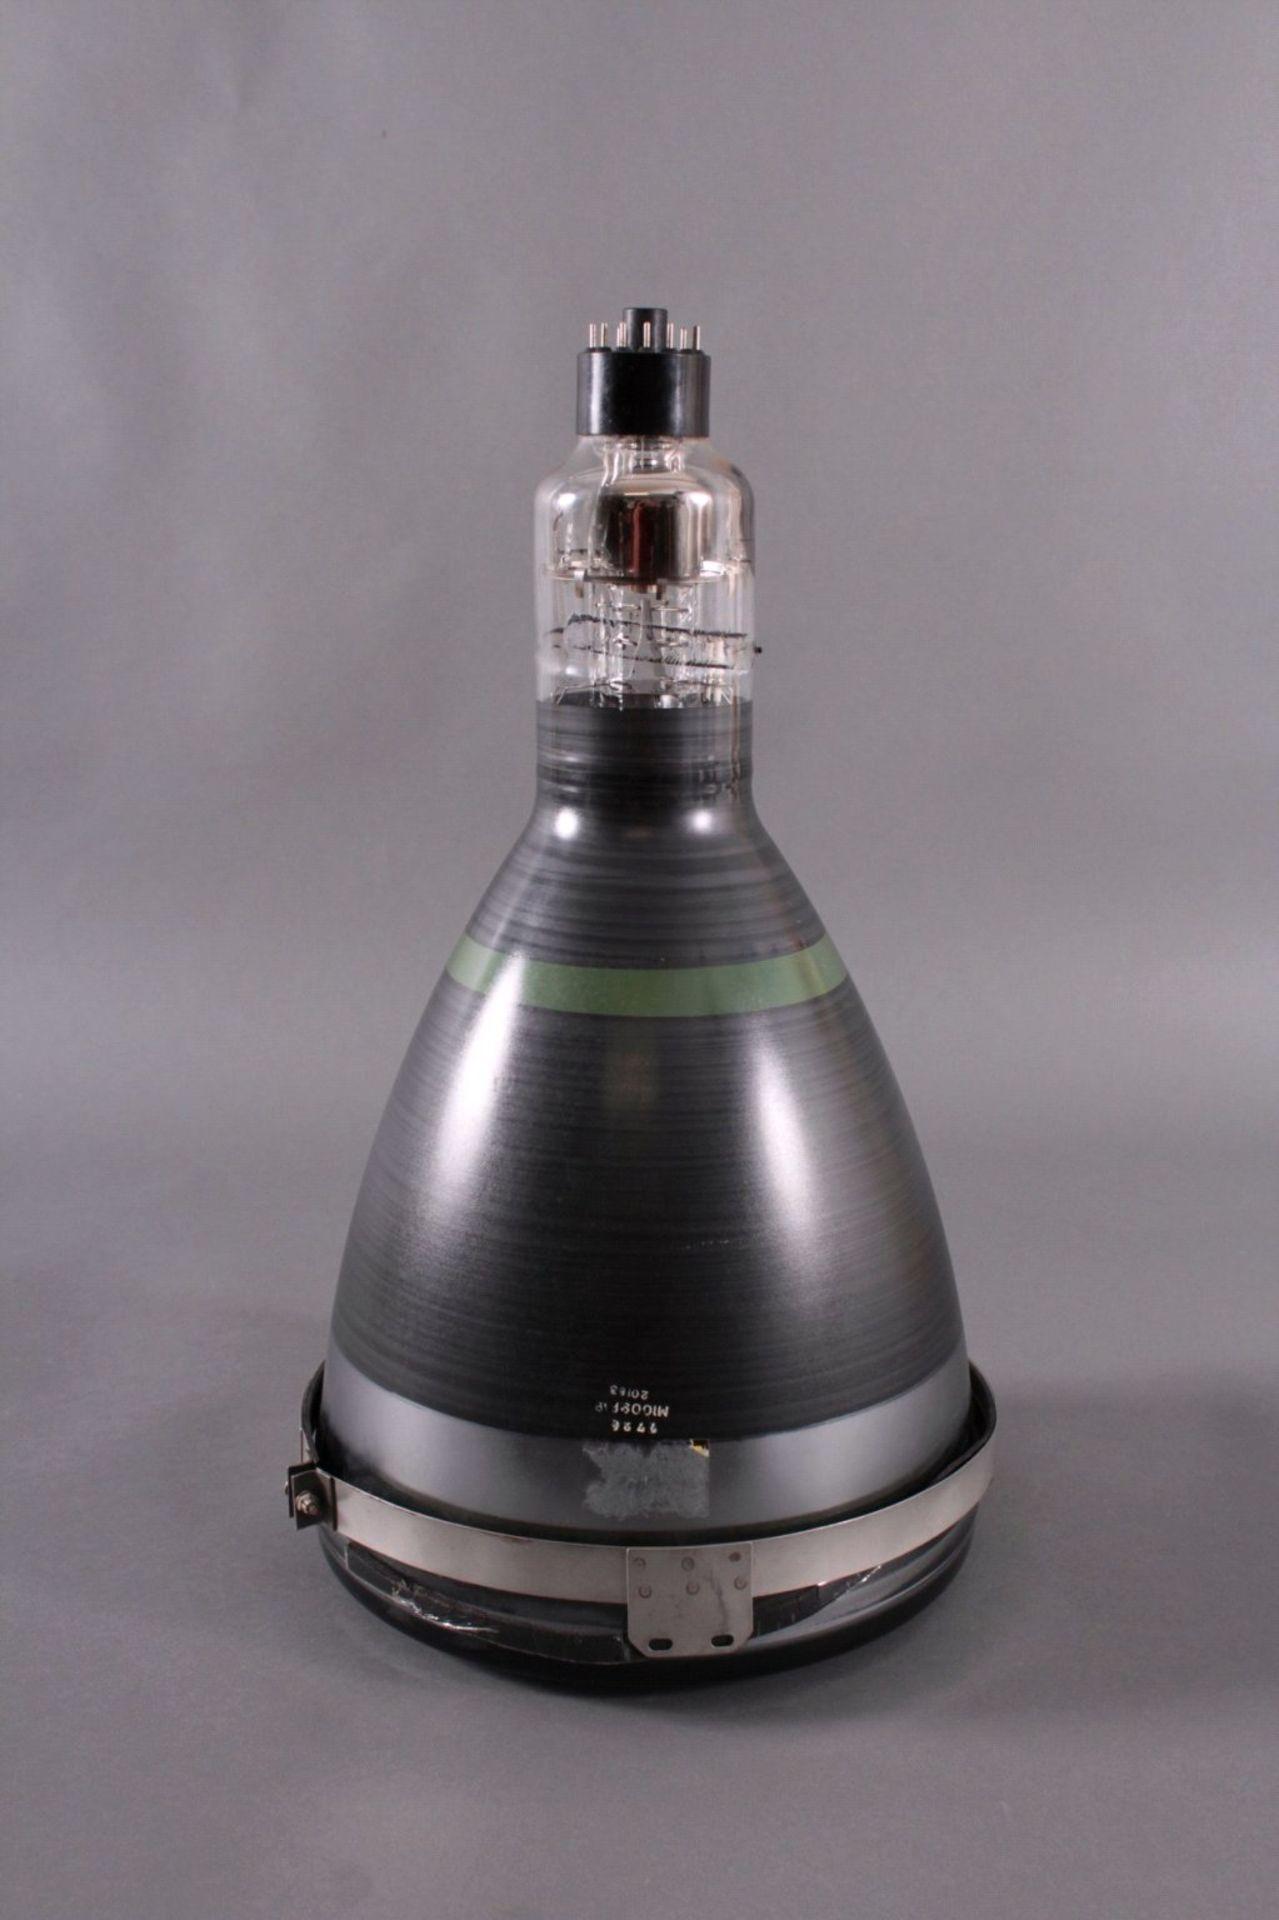 Sehr großes LeuchtmittelNummeriert 776 - M1009P19 - 20183, ca. D-29 cm (unten), H-58cm